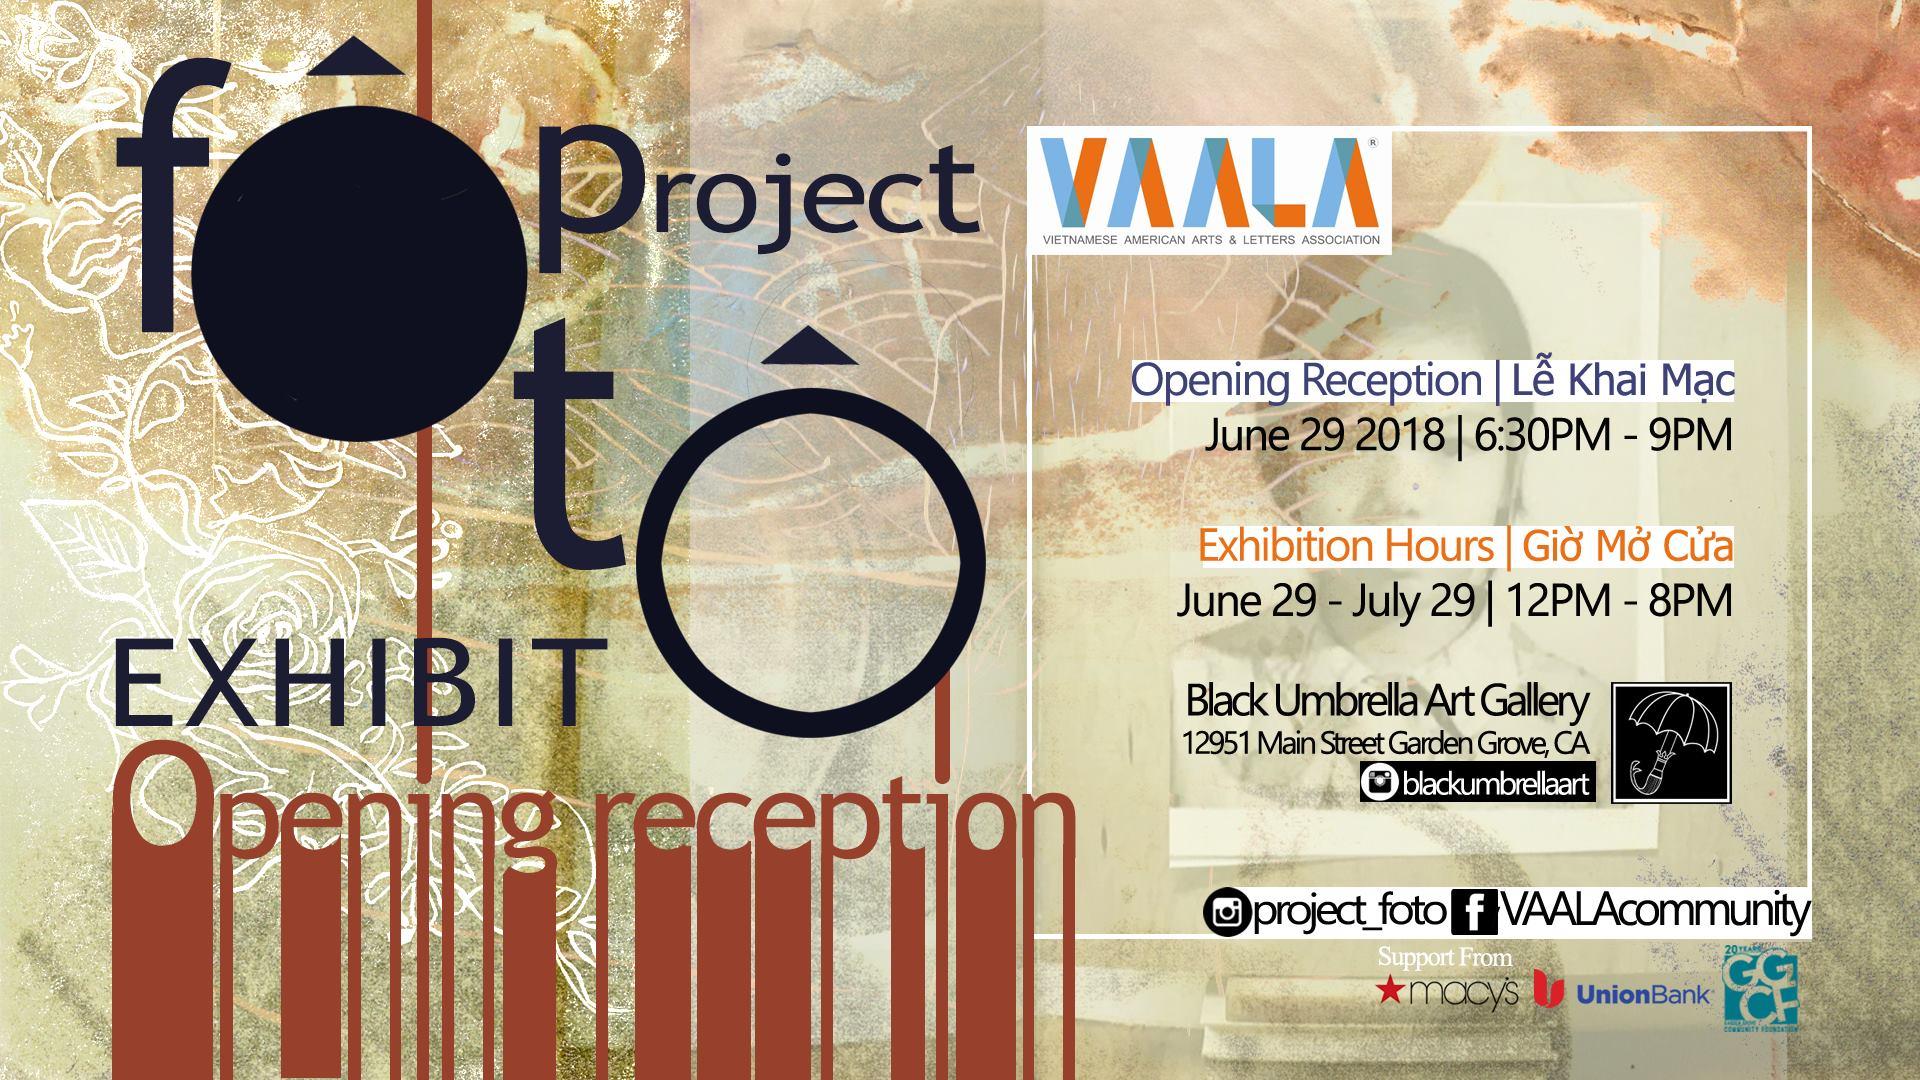 VAALA mở triển lãm cho khoá học Project Fôtô